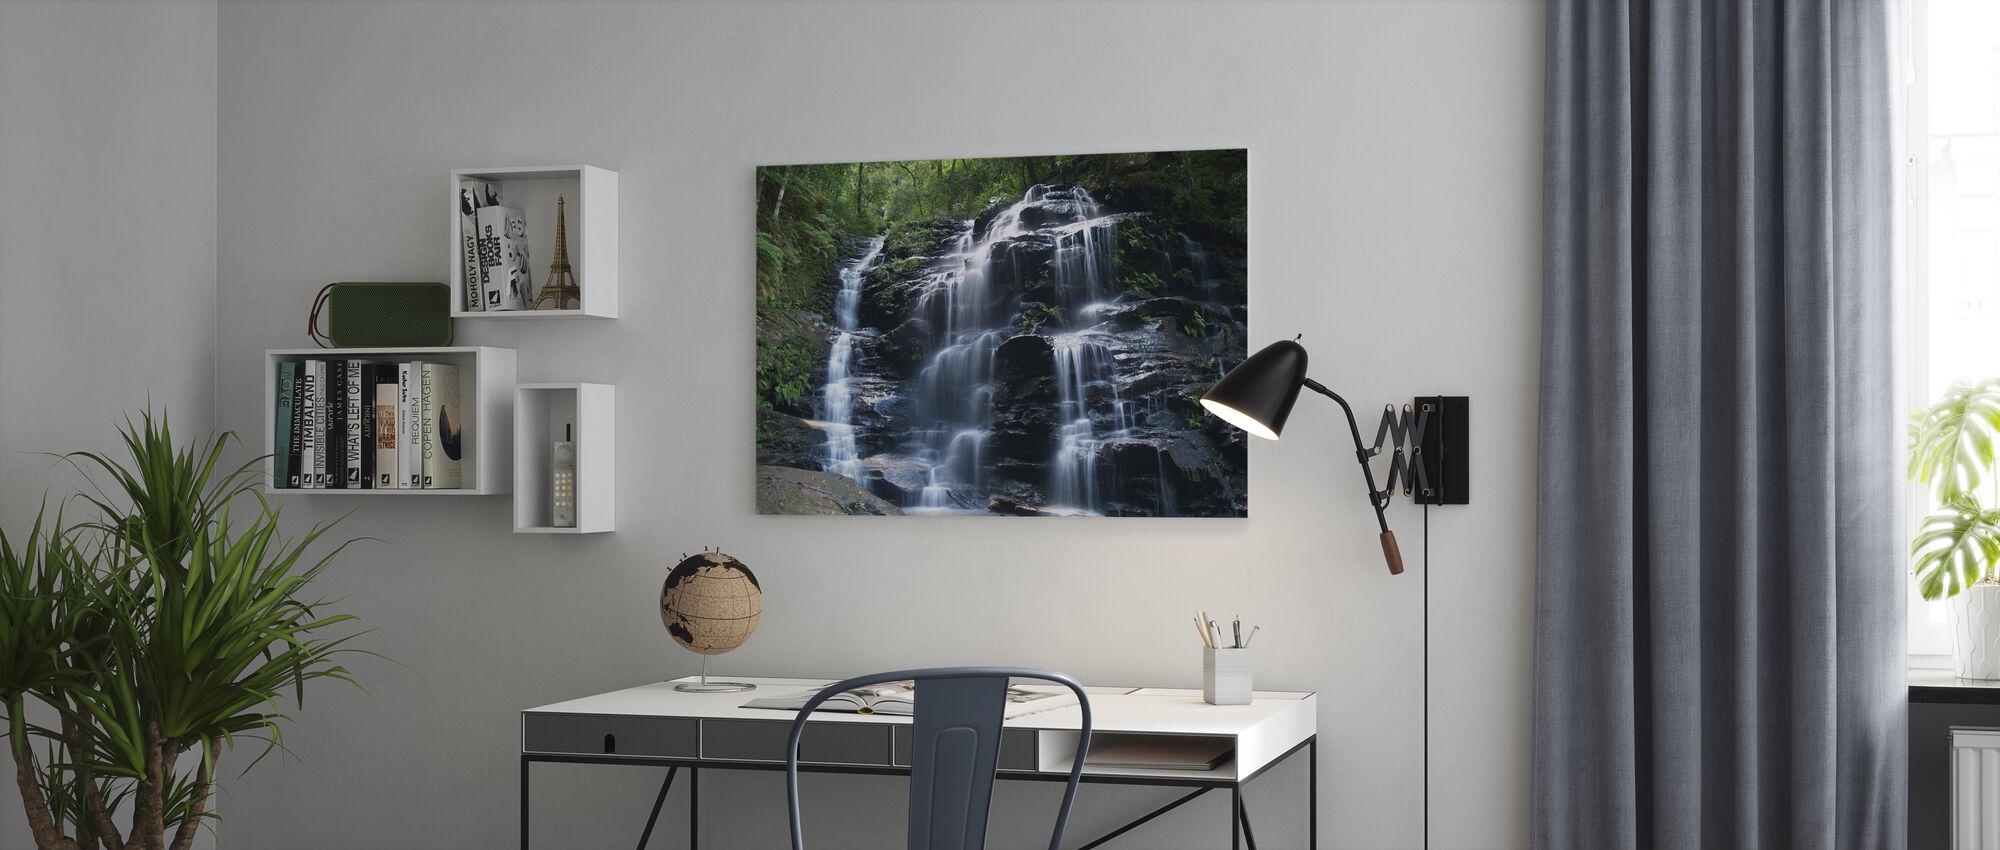 Amazonas-Wasserfall - Leinwandbild - Büro